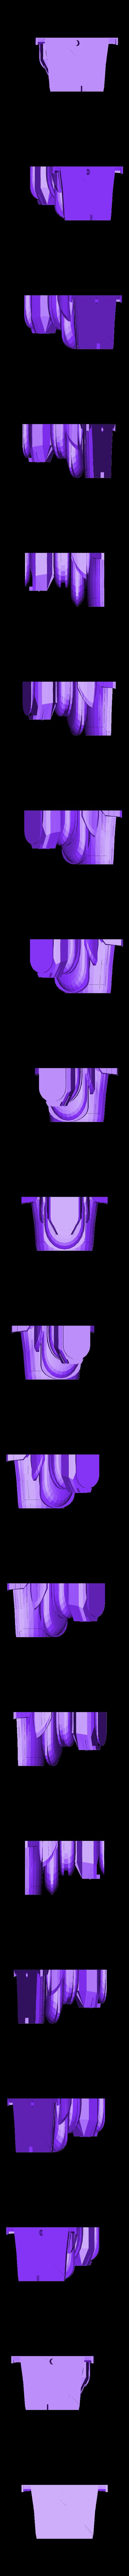 Front_MidA.stl Télécharger fichier STL gratuit Frégate Nebulon B (coupée et sectionnée) • Modèle pour impression 3D, Masterkookus